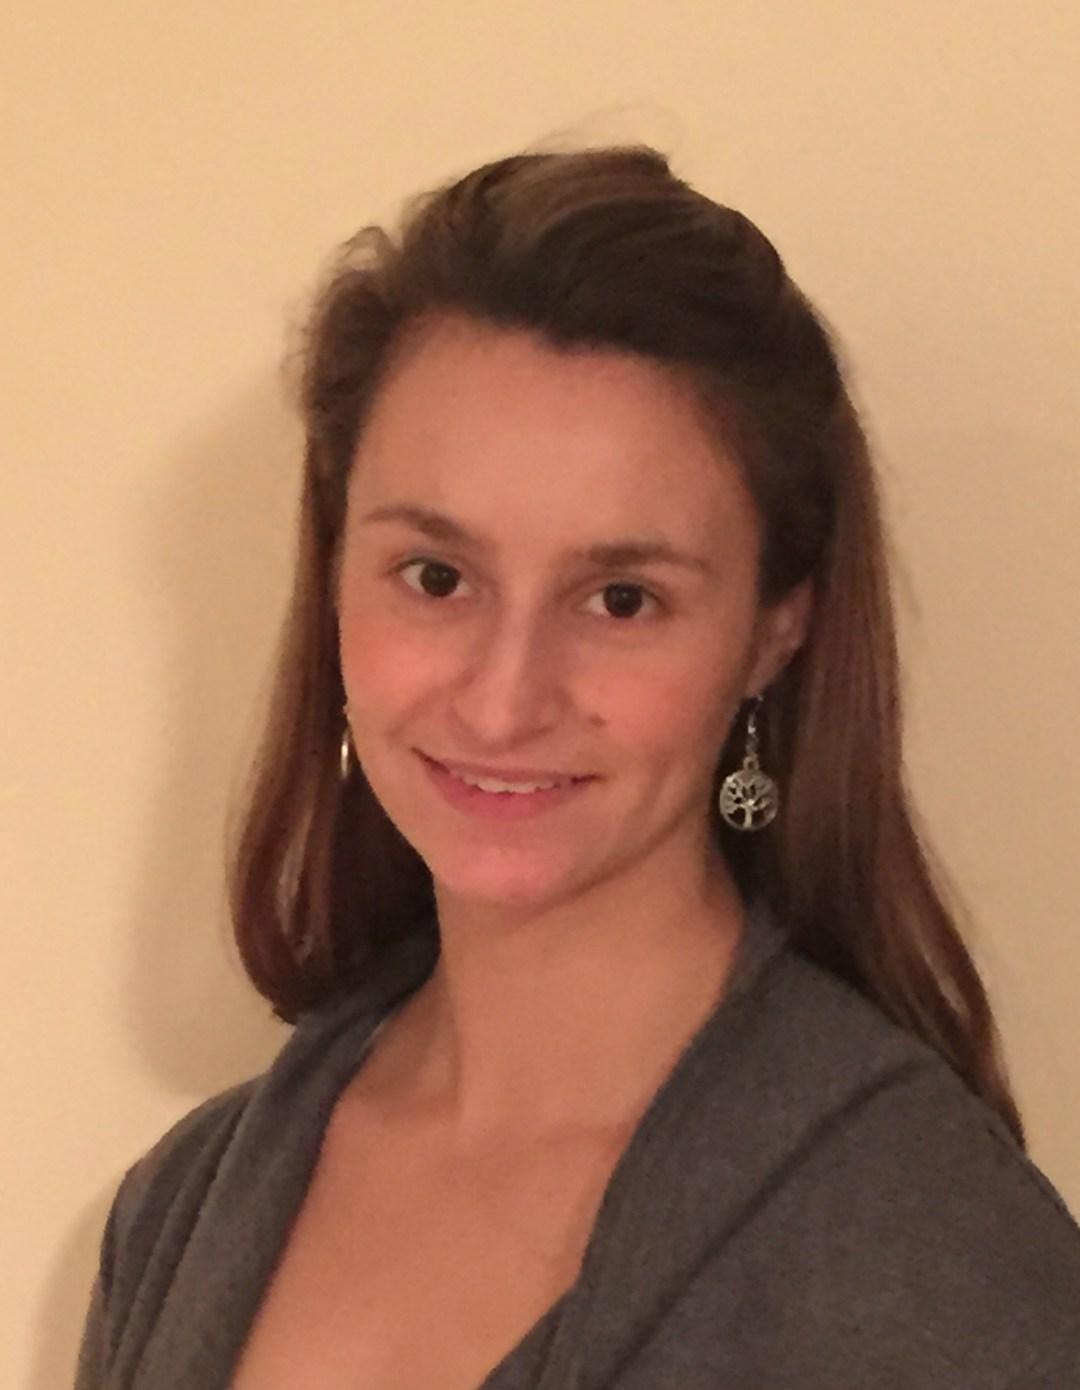 Jessie Demarco